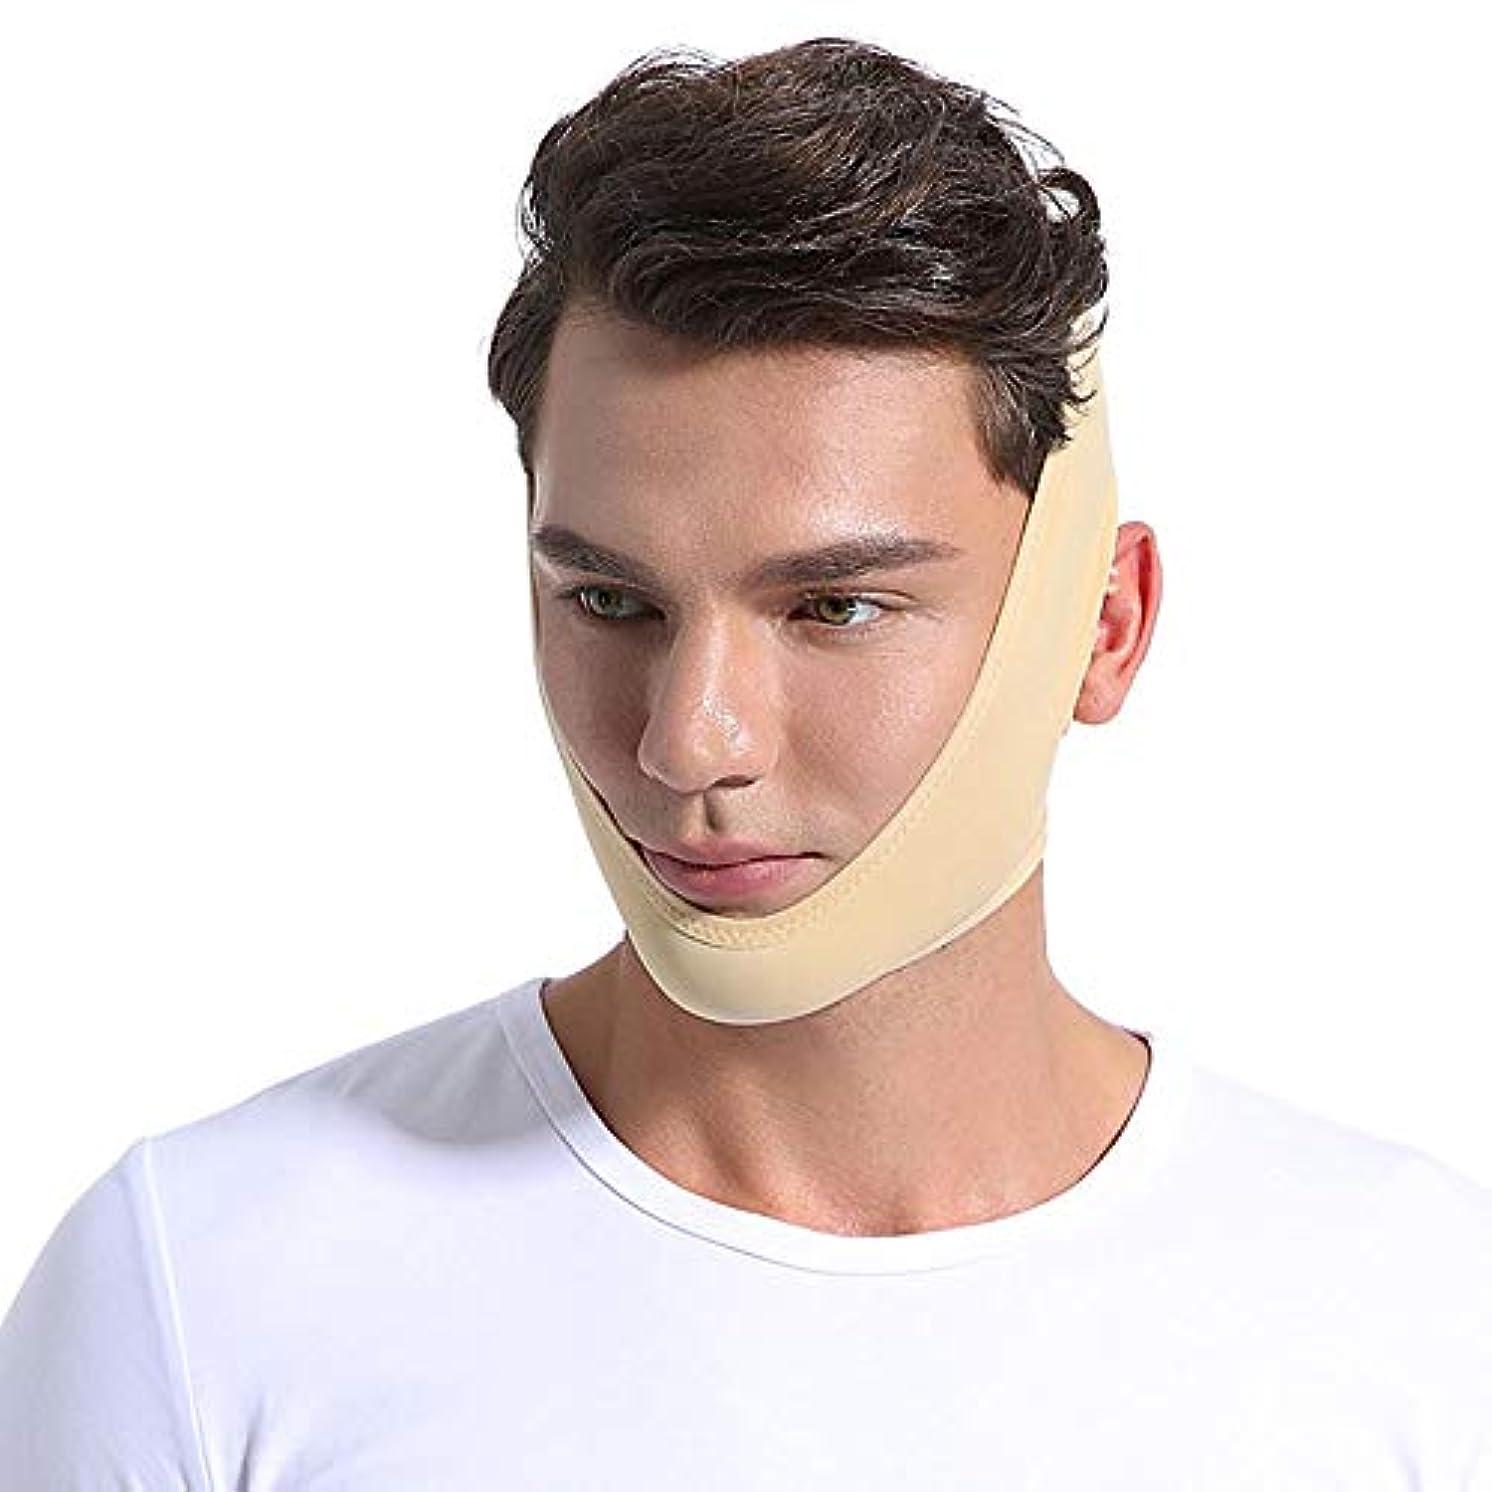 動力学スクラッチ動作男性の顔の薄い顔、Vの顔の薄い顔の包帯/改装/フェイスマッサージ/リフトフェイスマスク/(色),XL